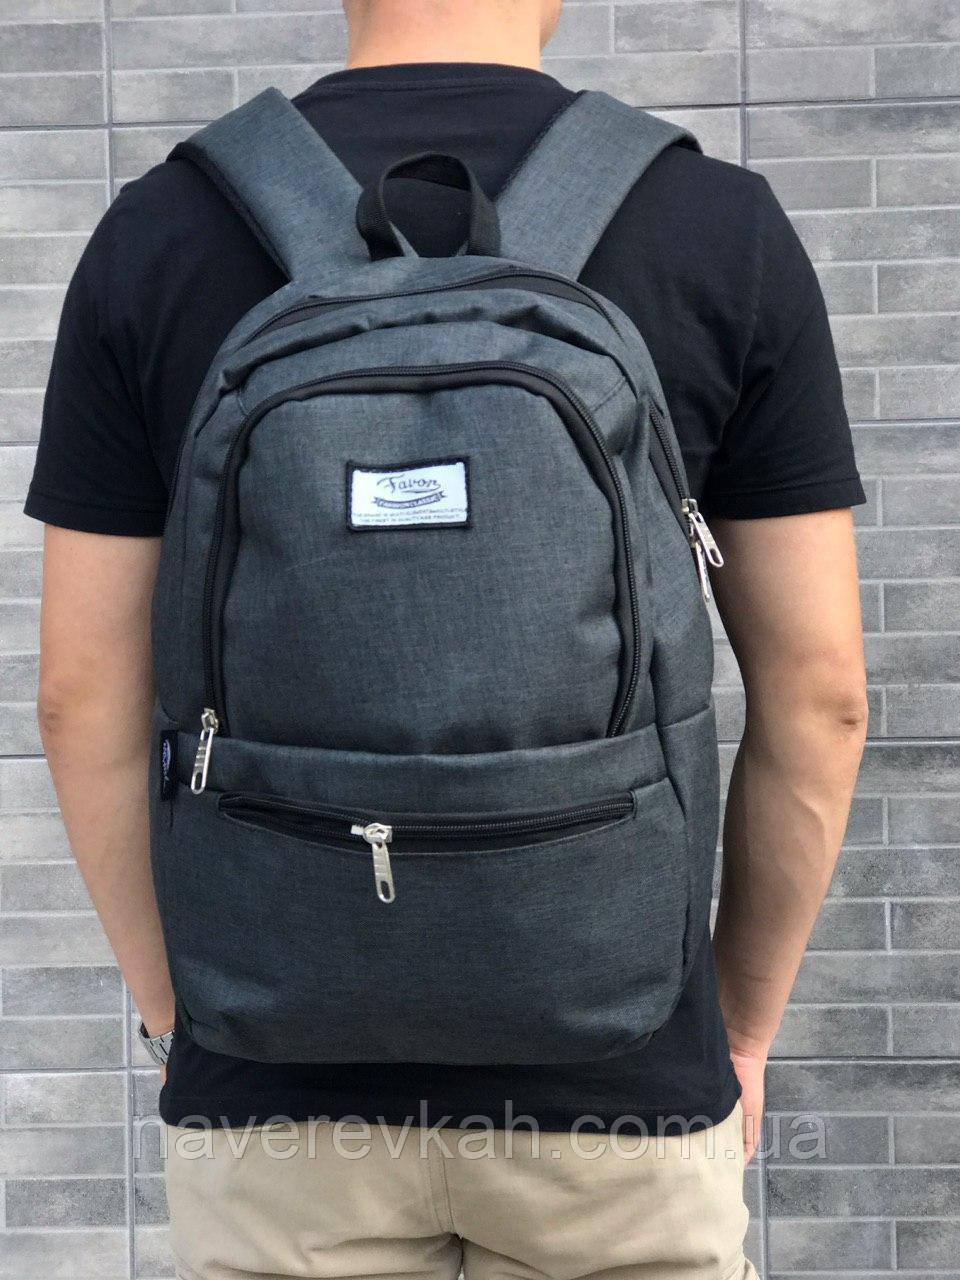 Рюкзак темно-синий бордовый 42*31*17